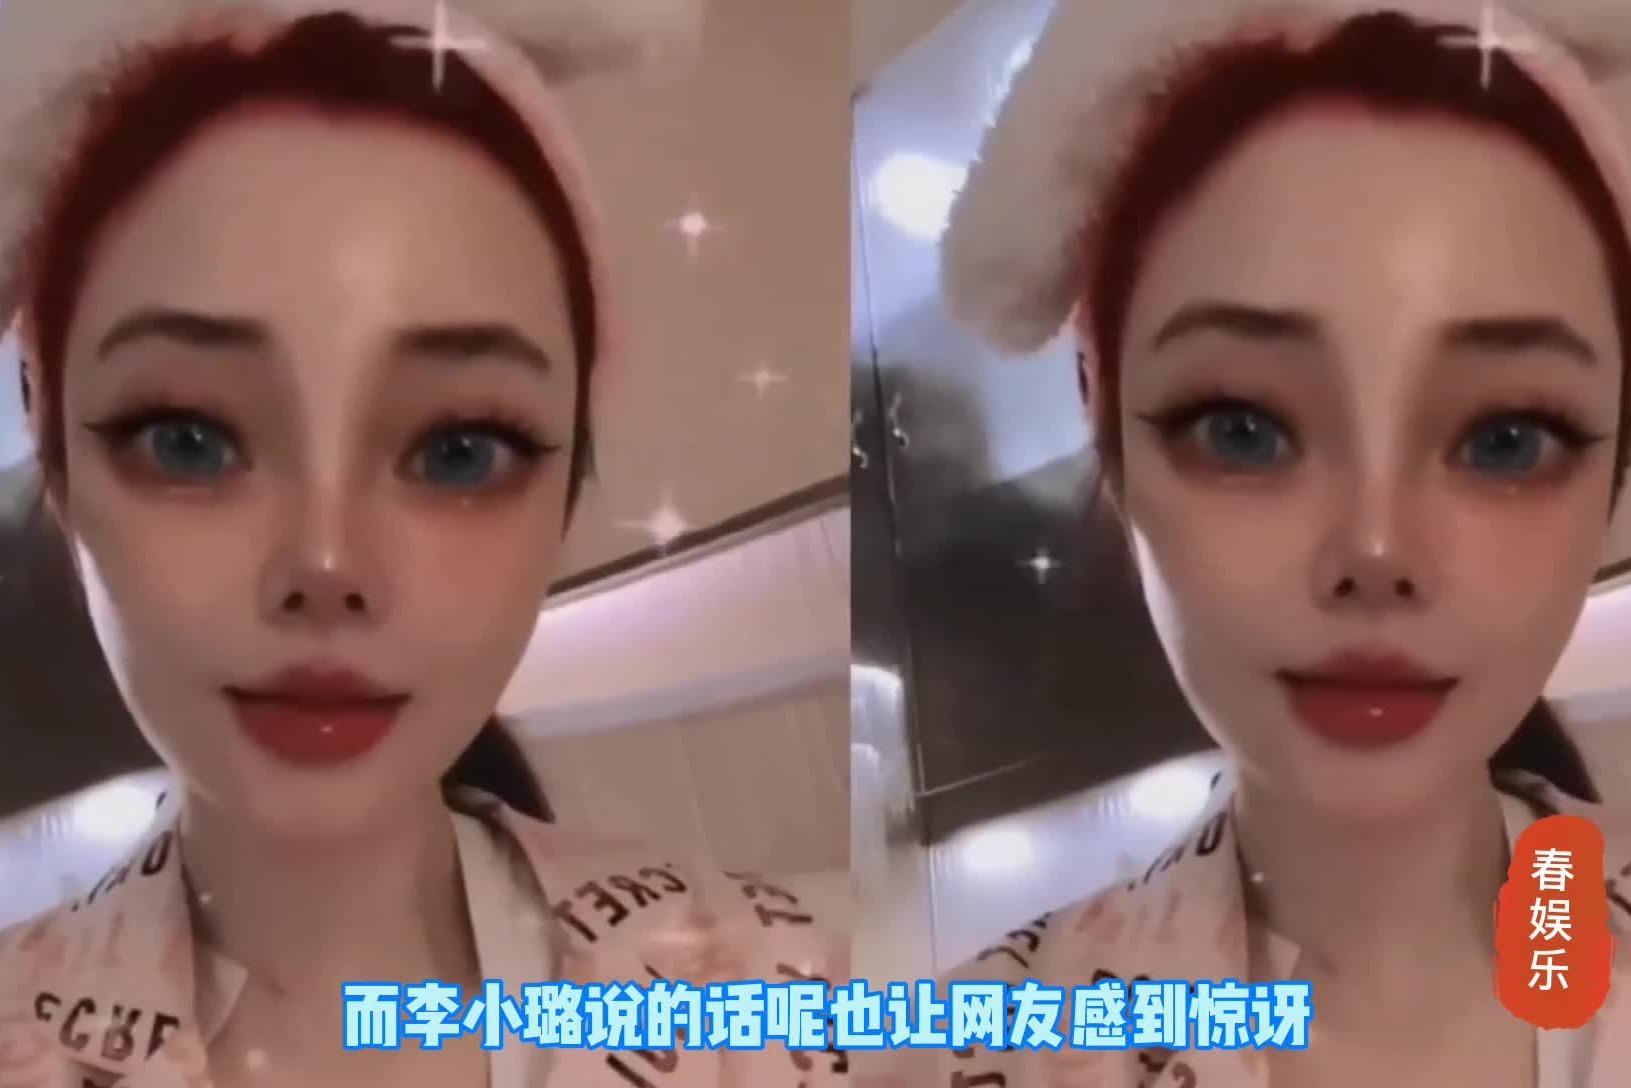 李小璐深夜发视频称喜欢帅哥 脖子红痕疑似草莓印 本人回应